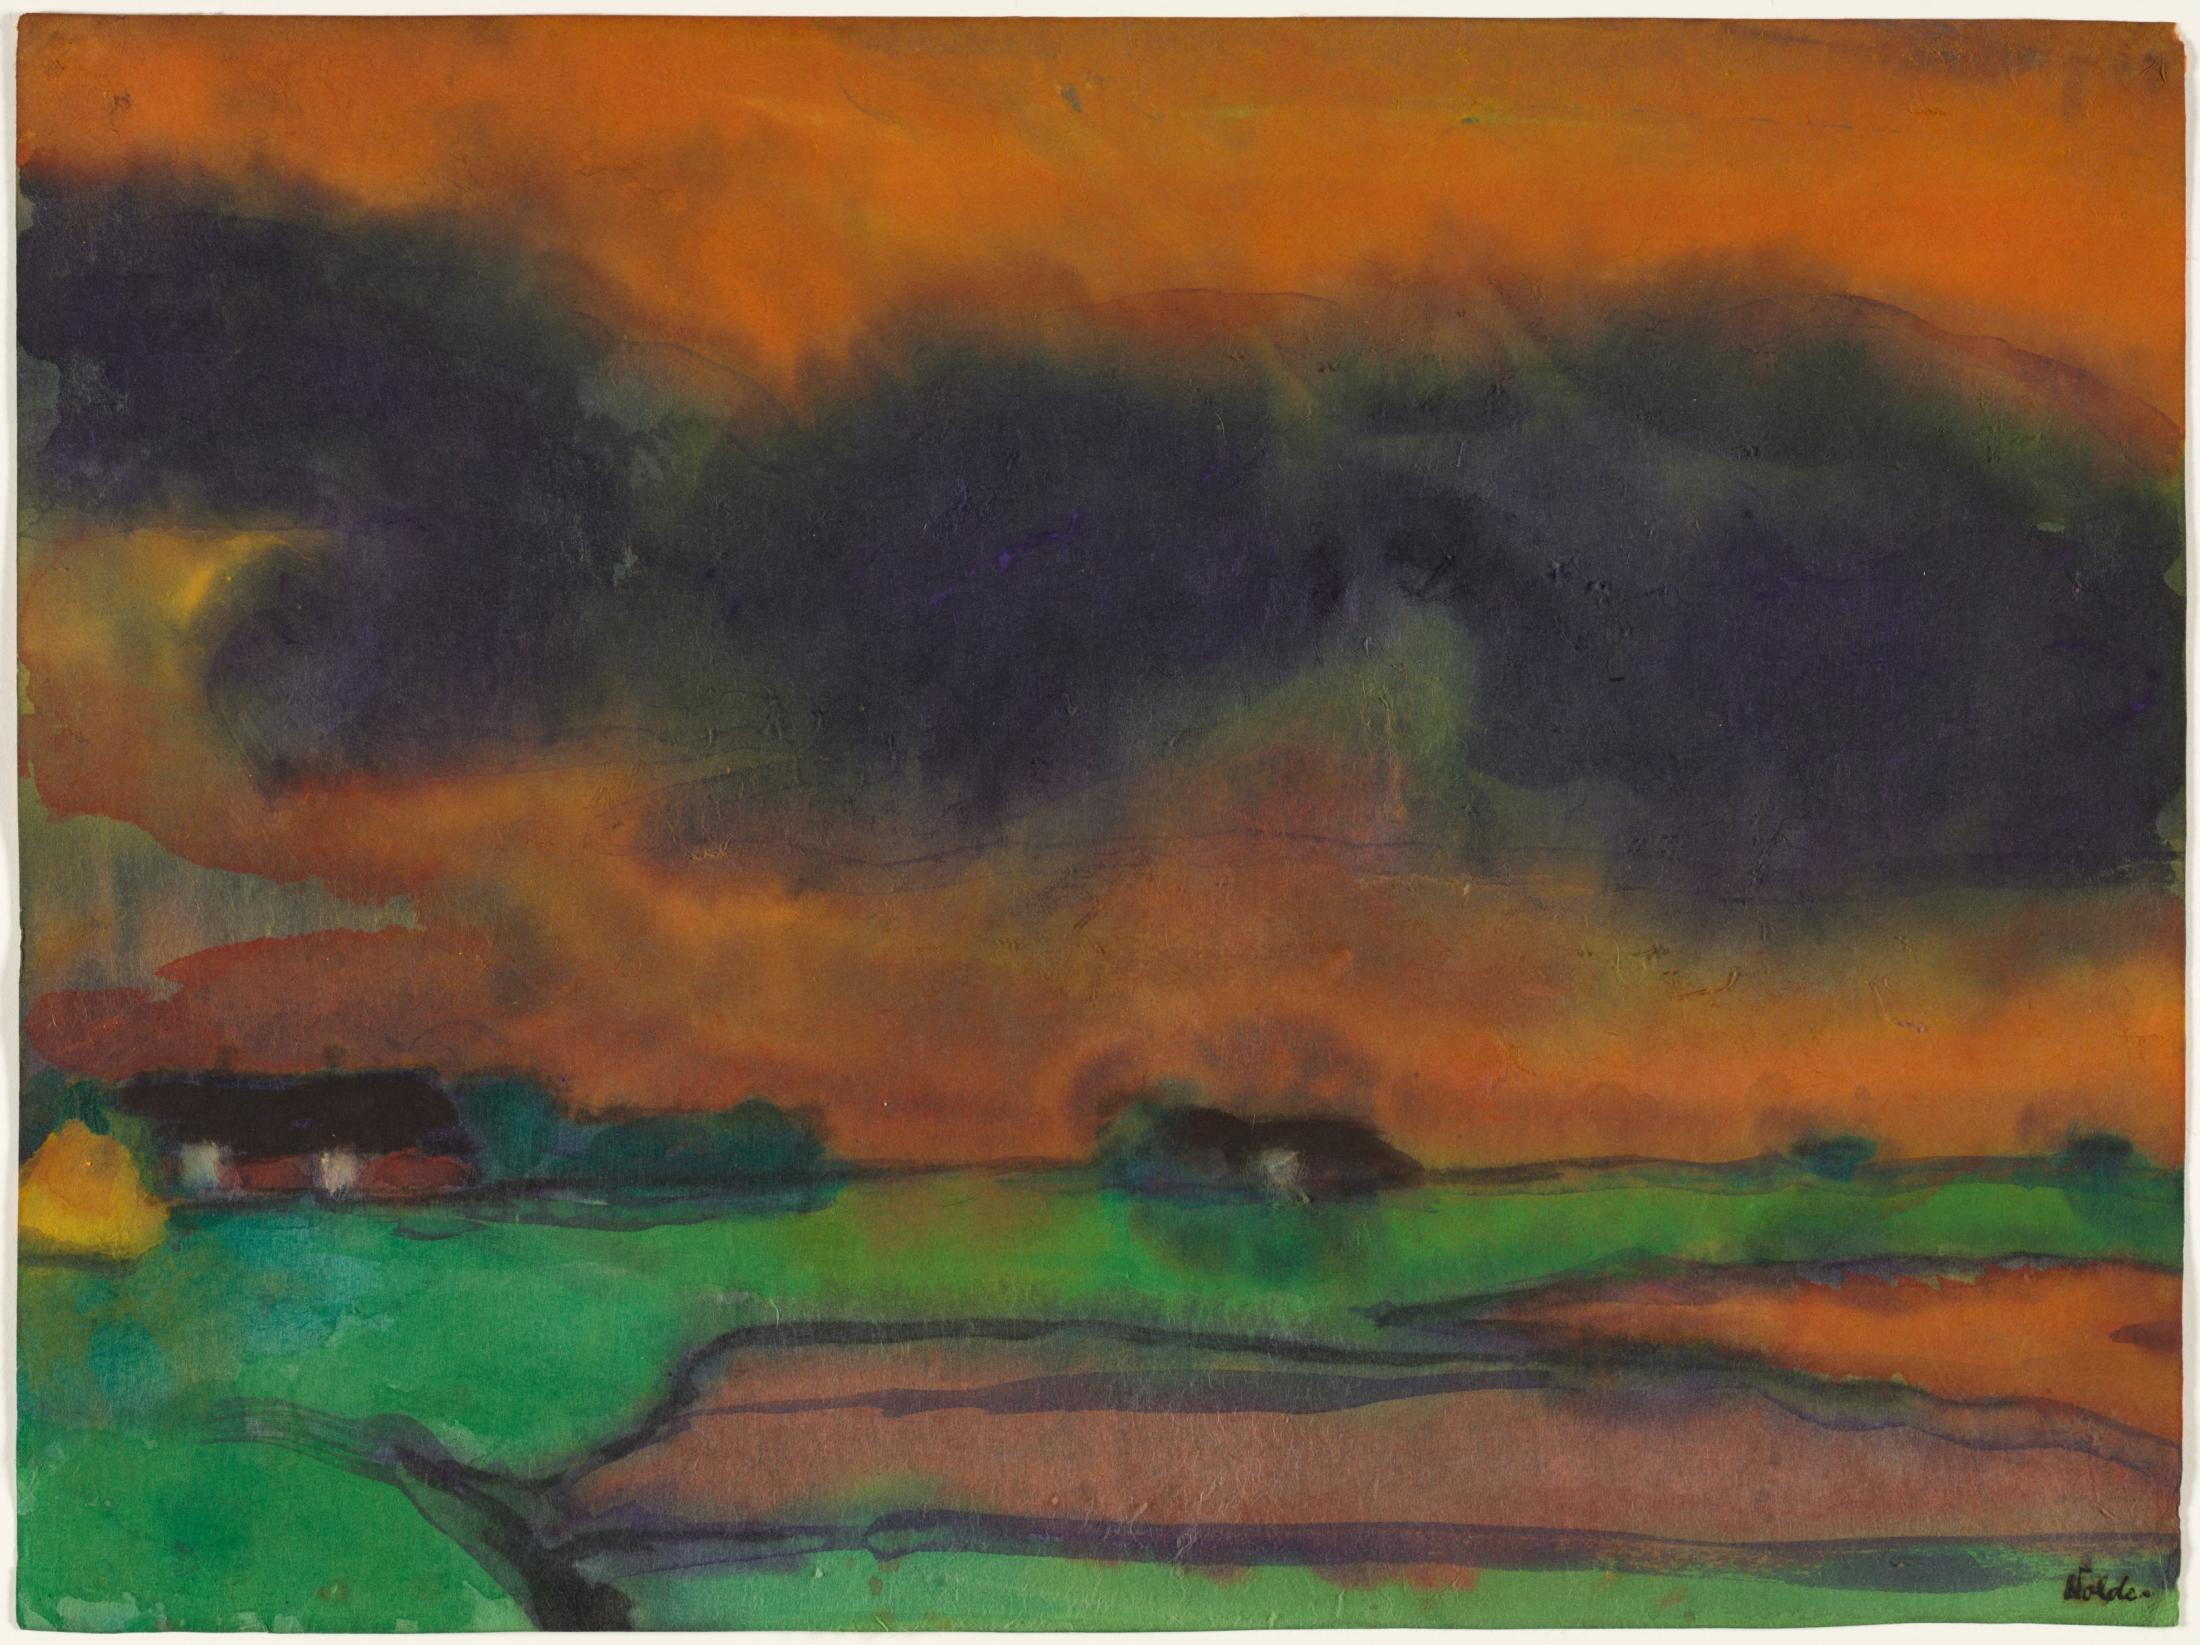 Marsh Landscape, c. 1930–35. Emil Nolde (German, 1876–1956). Watercolor; 34 x 45.5 cm. Bequest of Dr. Paul J. Vignos Jr., 2011.125. © Nolde Stiftung Seebüll, Germany